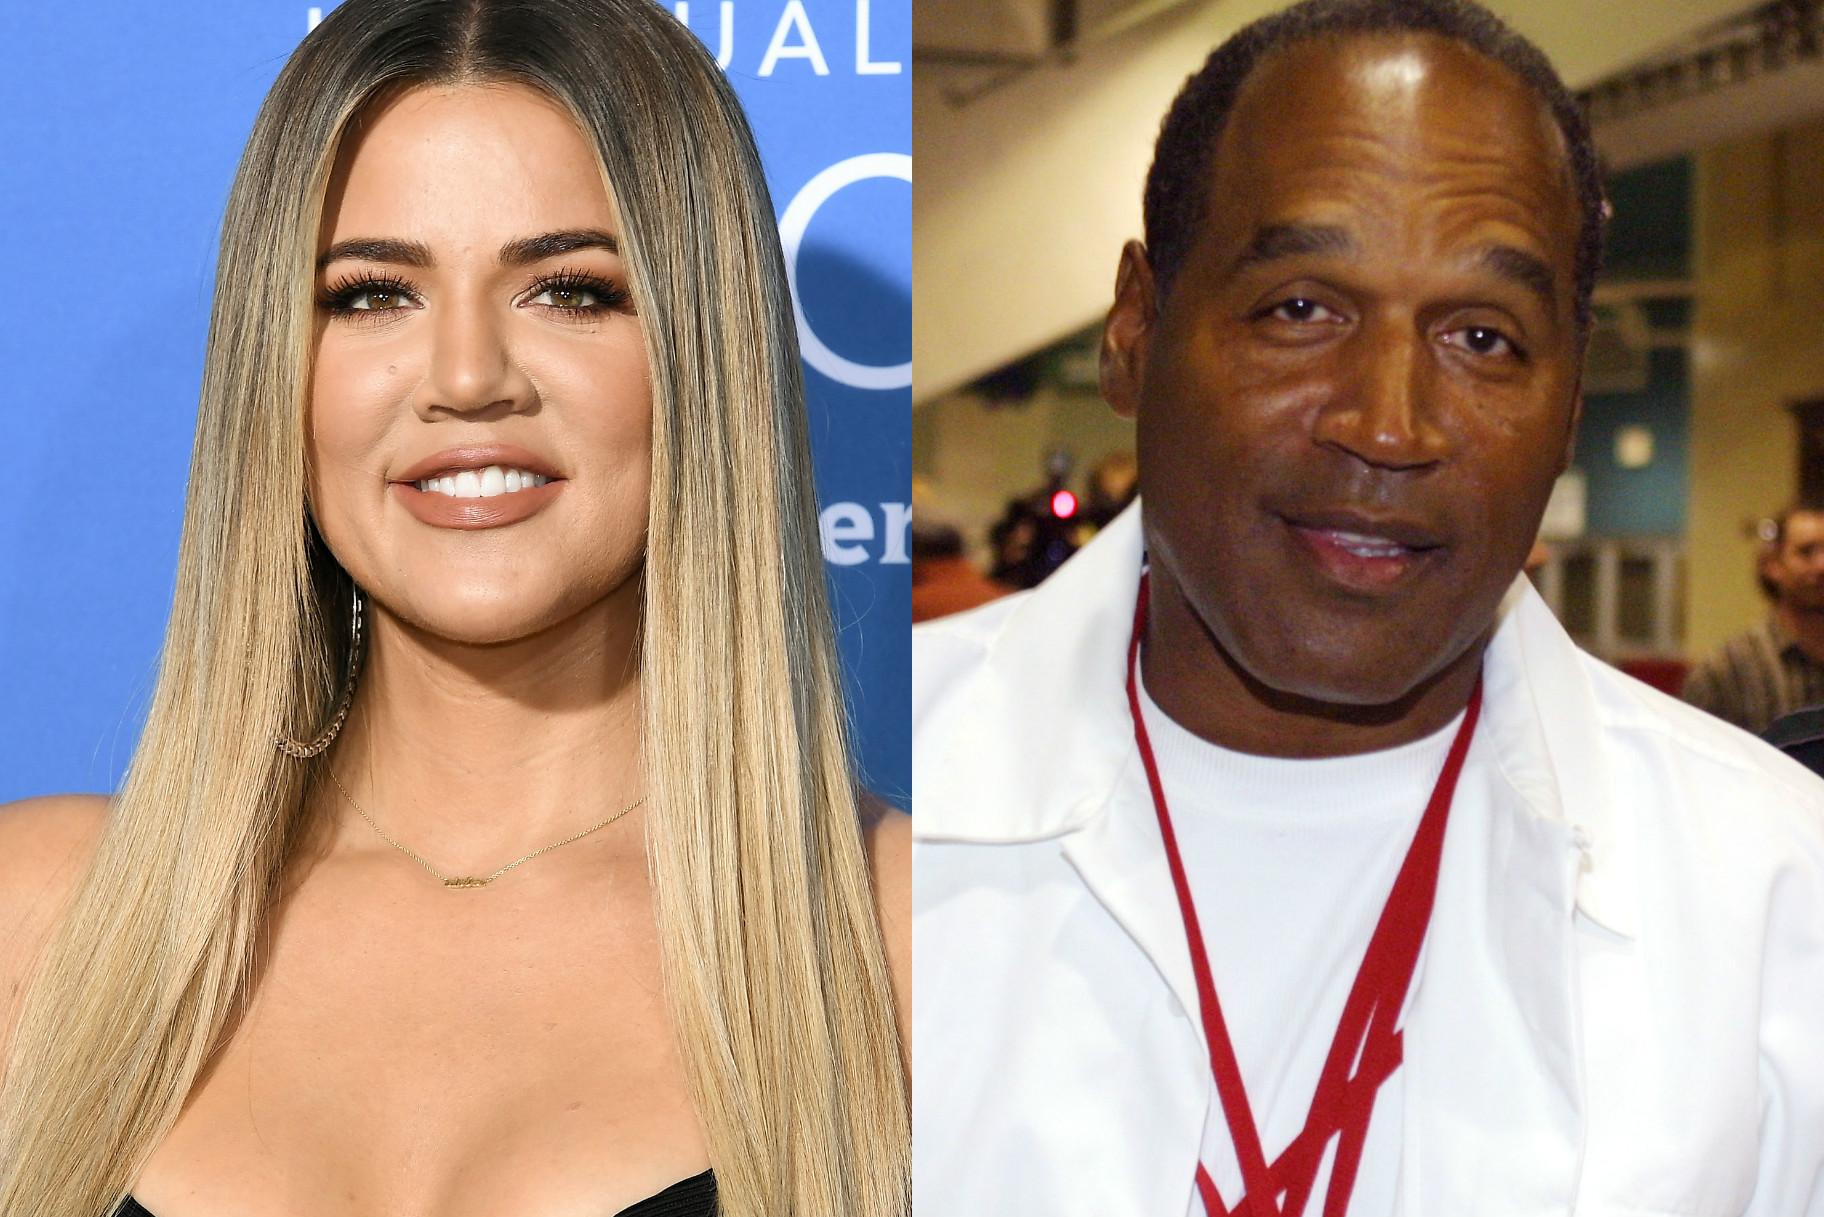 O.J. Simpson niega ser el padre biológico de Khloe Kardashian a pesar de que muchos ven un parecido asombroso